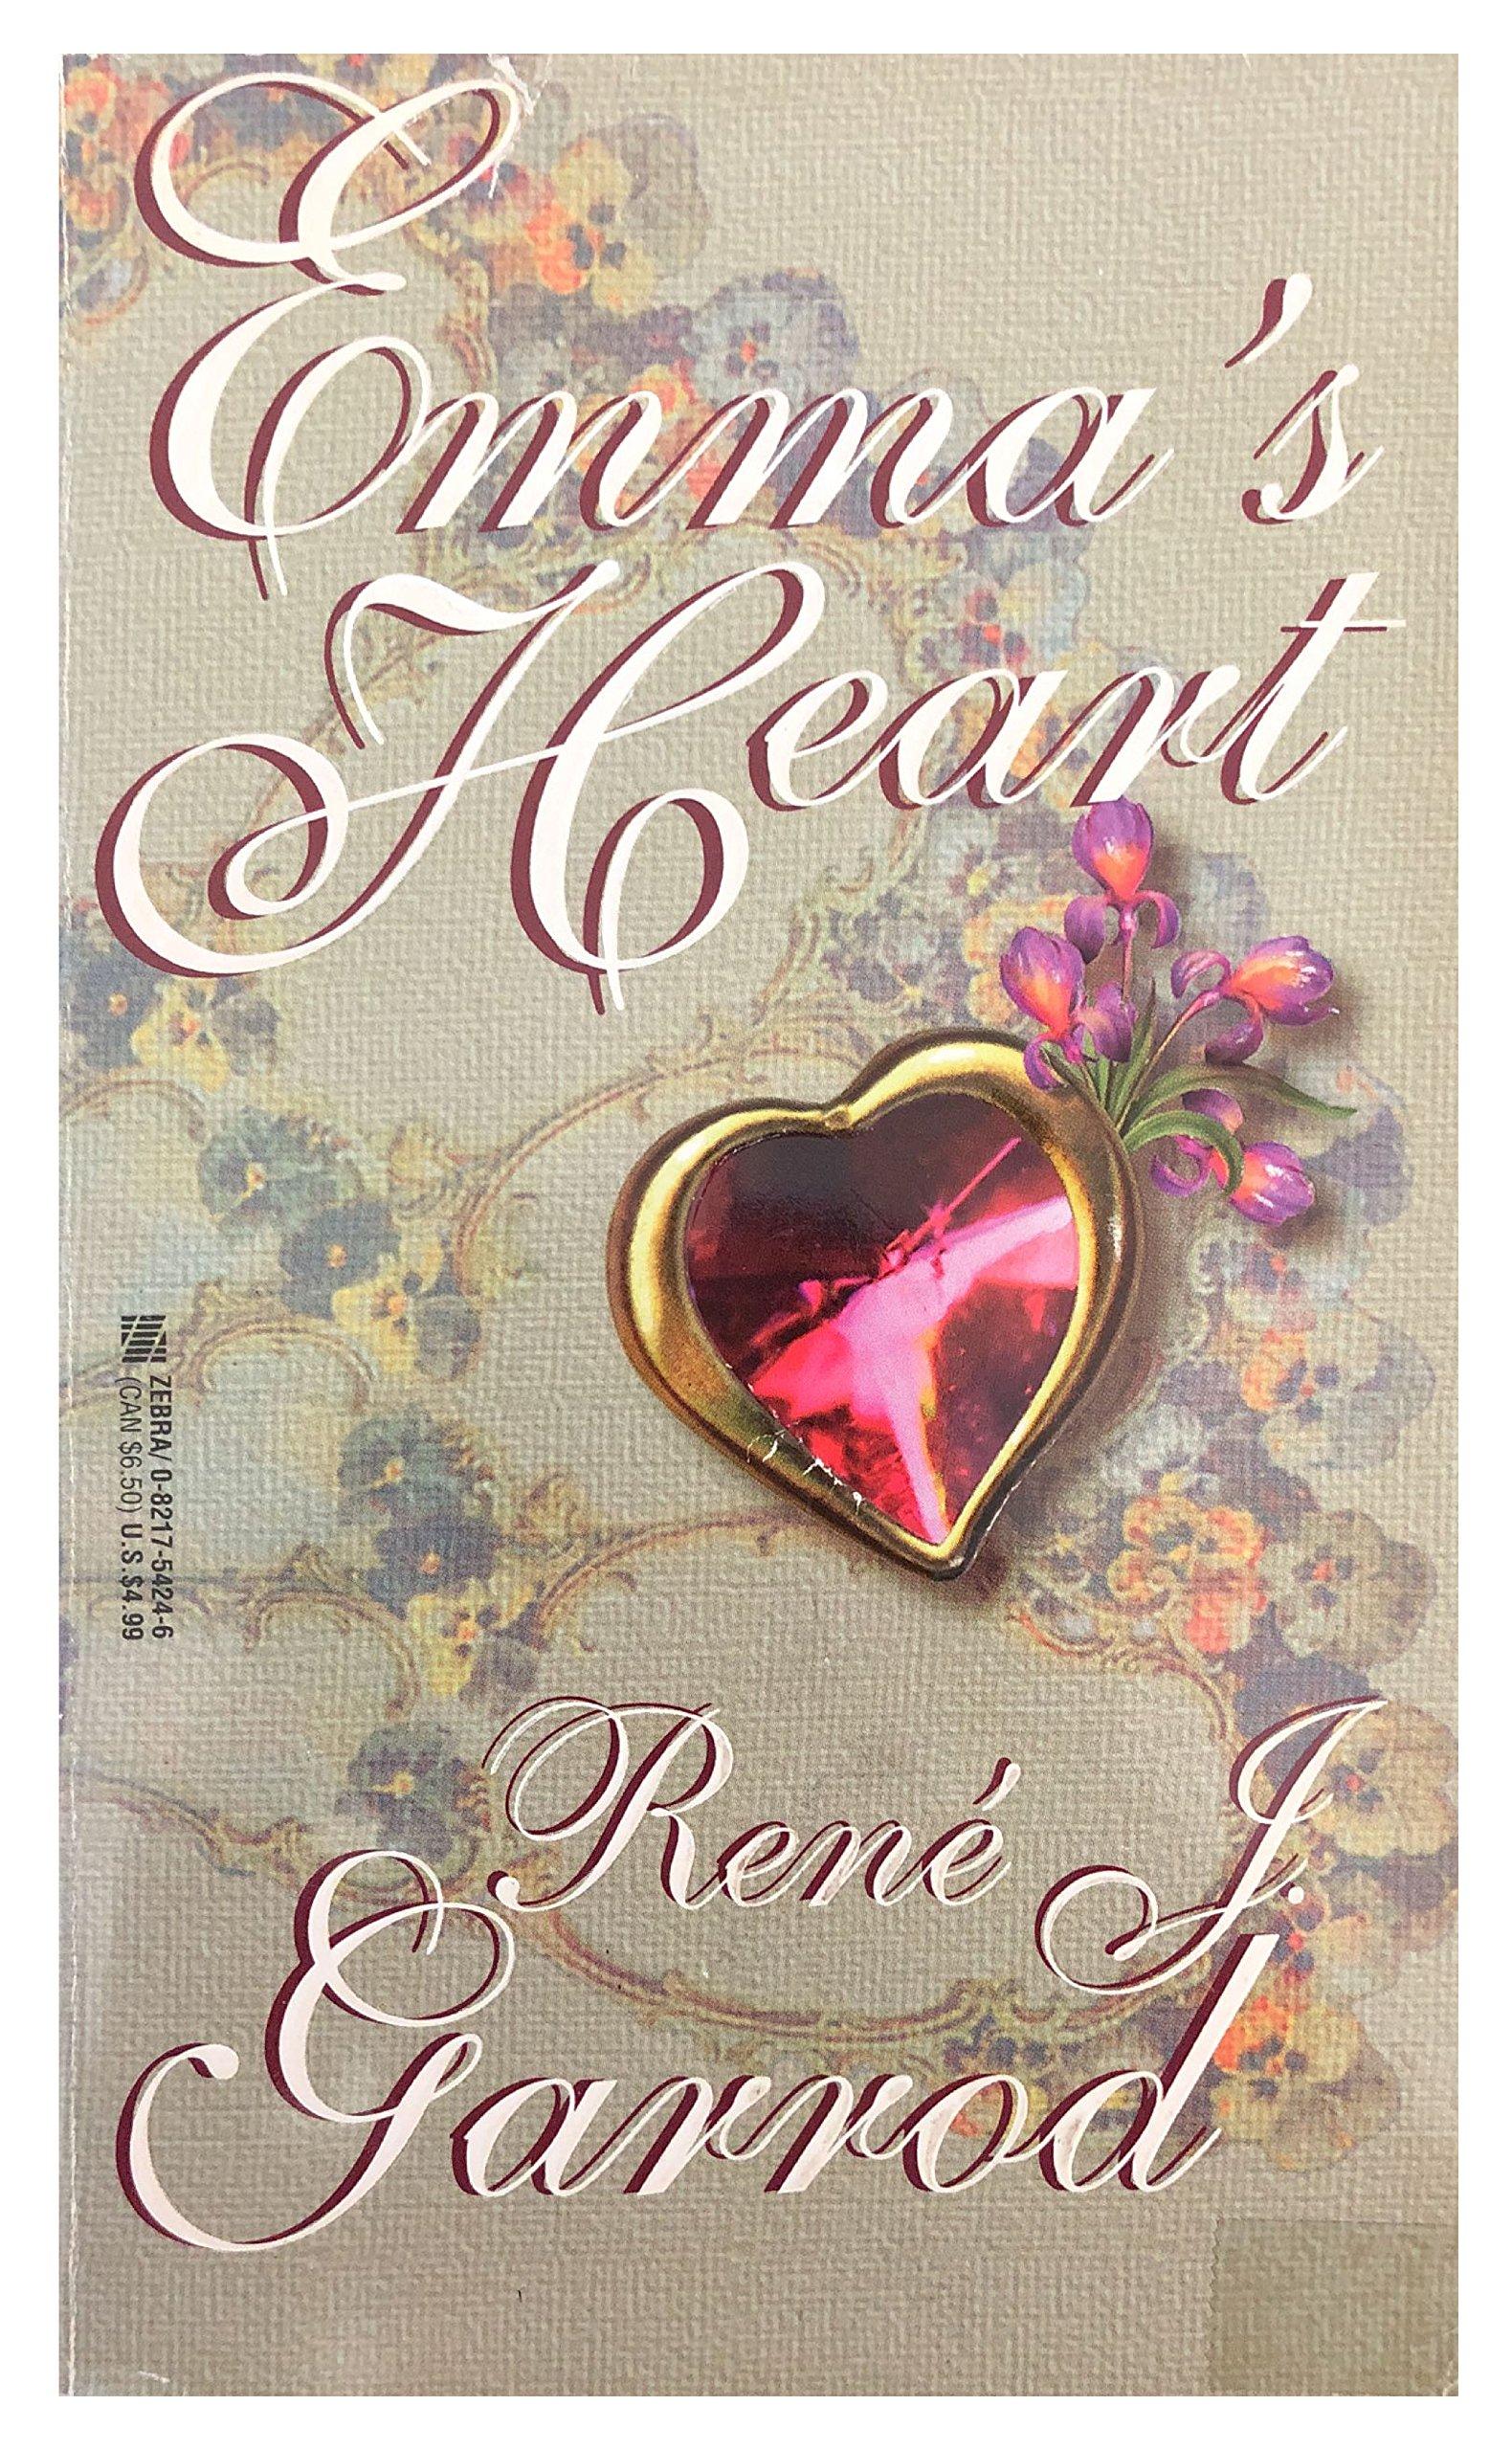 Heart emma Author